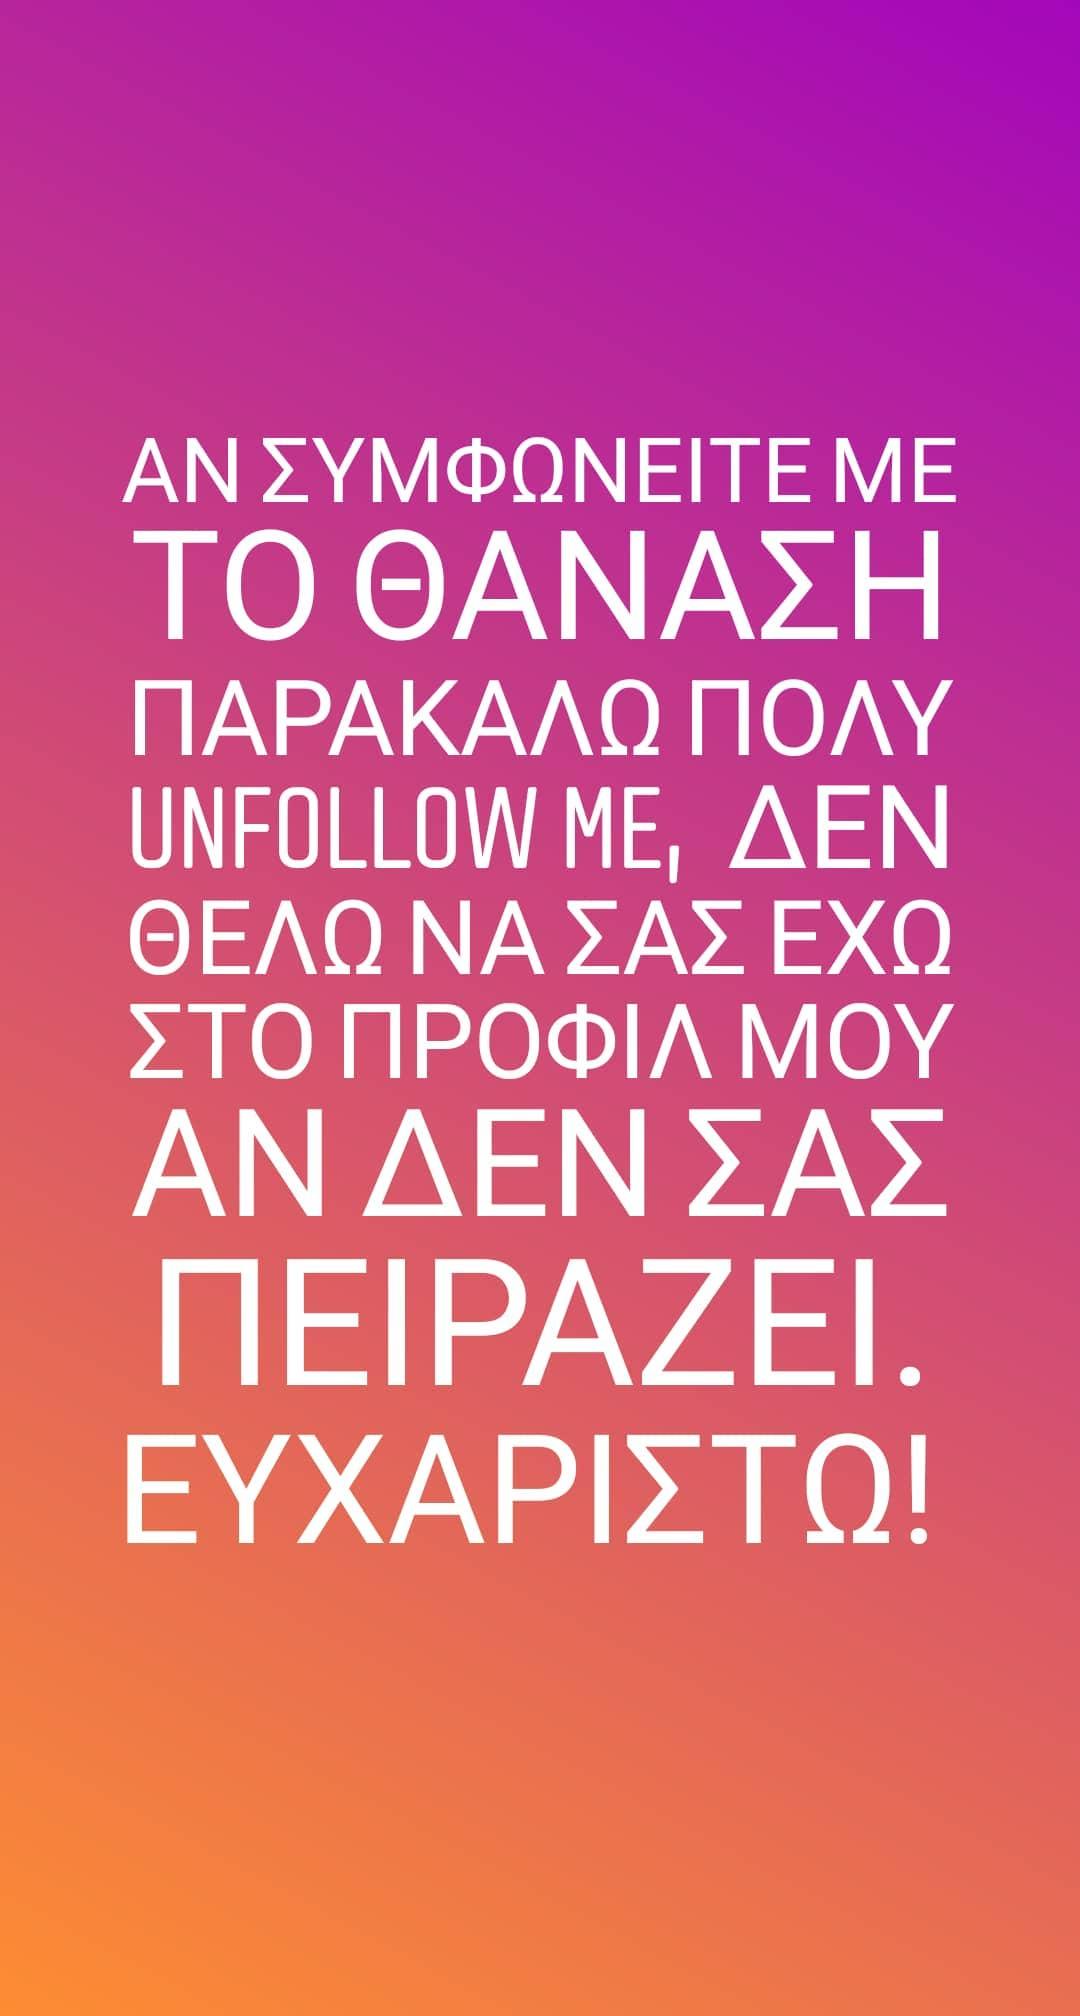 Έξαλλος με follower ο Γιώργος Καπουτζίδης - Έβγαλε τα μηνύματα στη φόρα (ΦΩΤΟ)